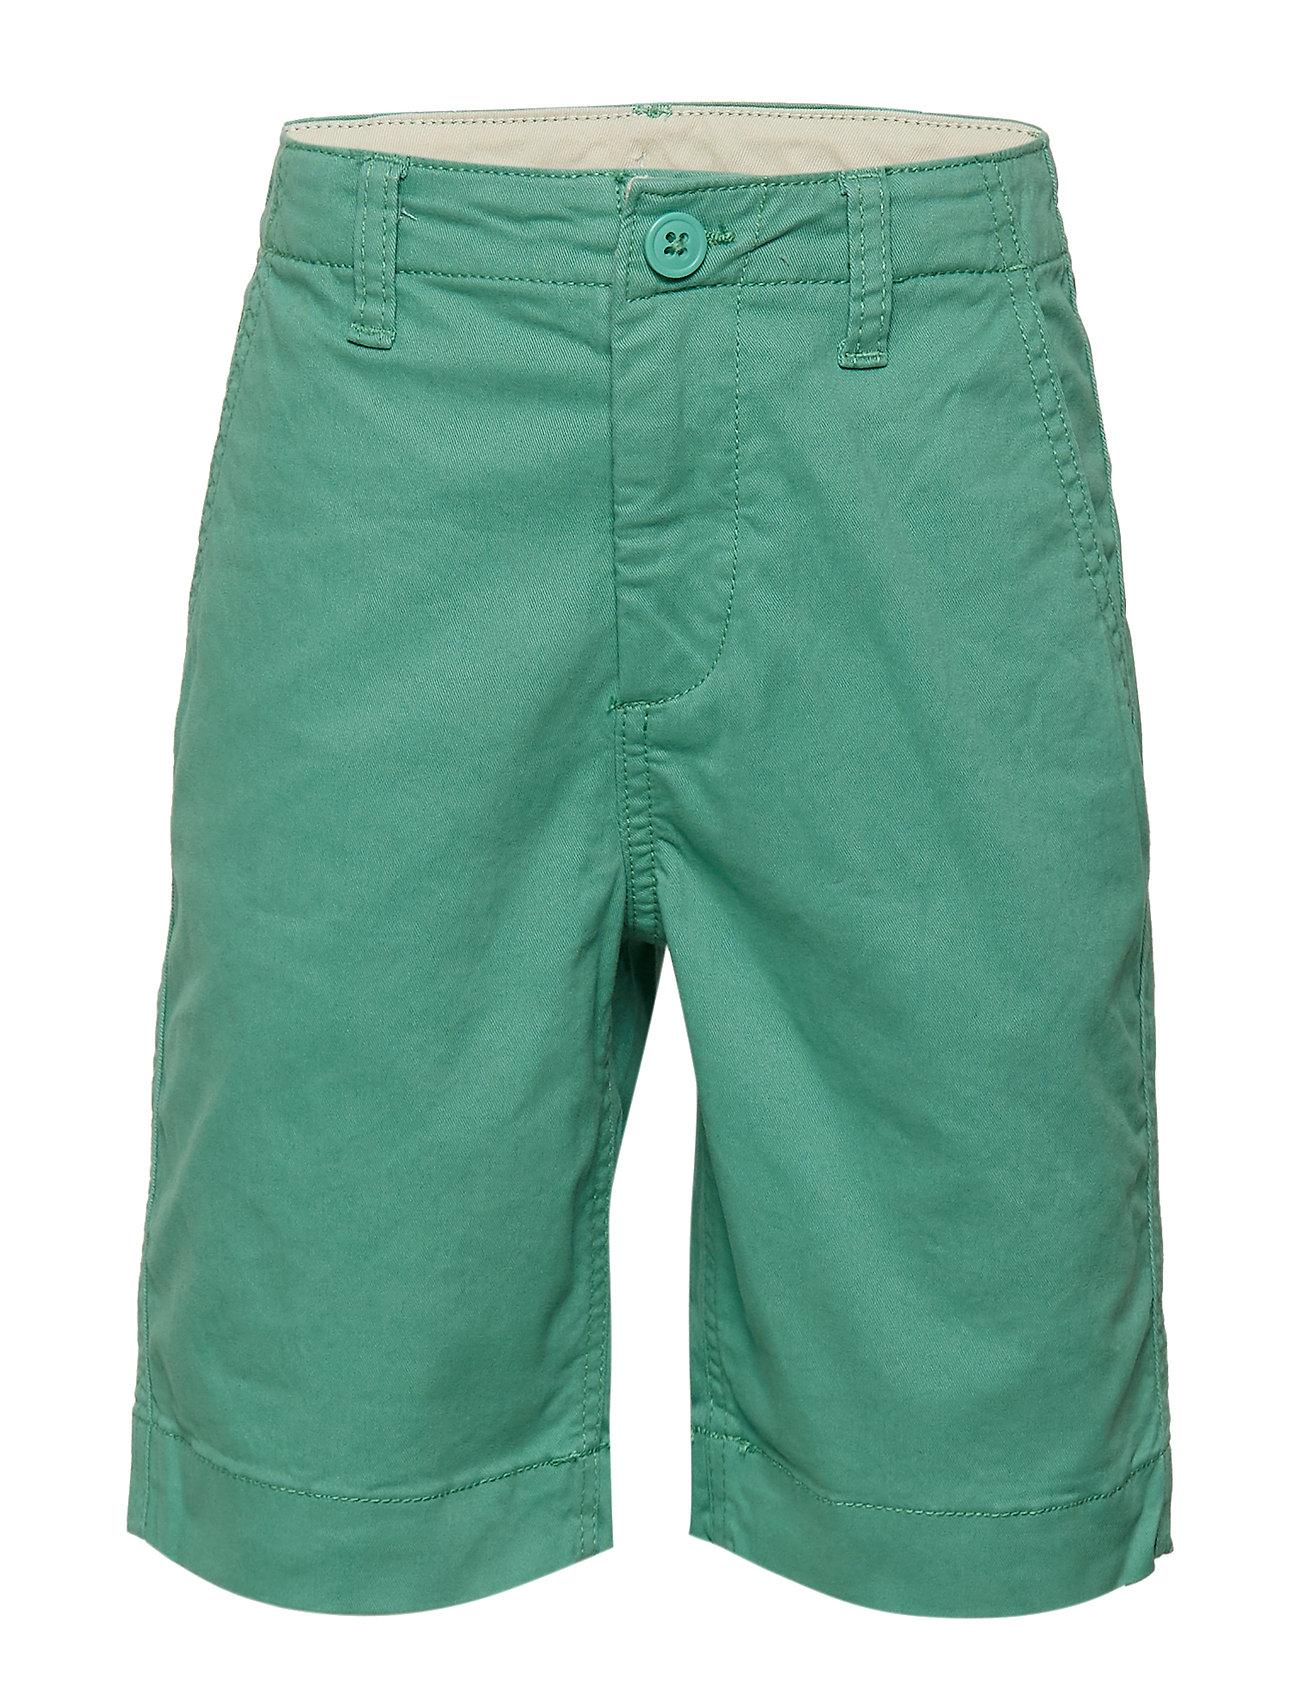 GAP Kids Everyday Shorts